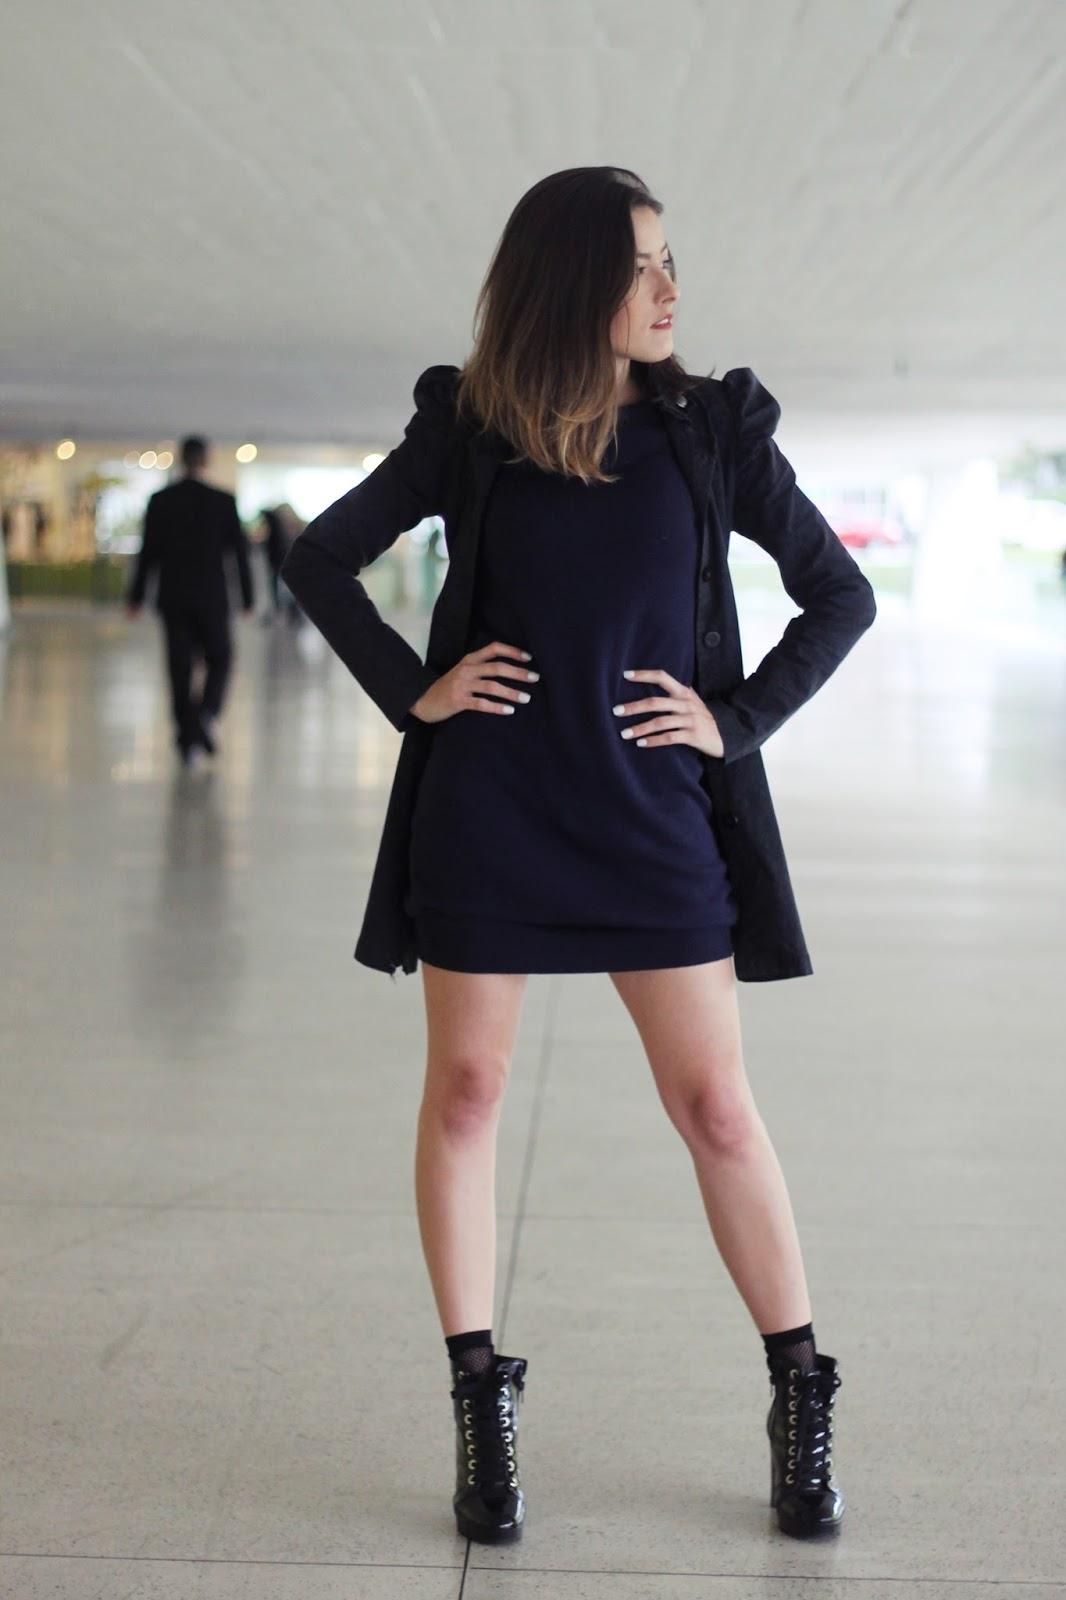 Vestido de fio + bota coturno - Ally Arruda